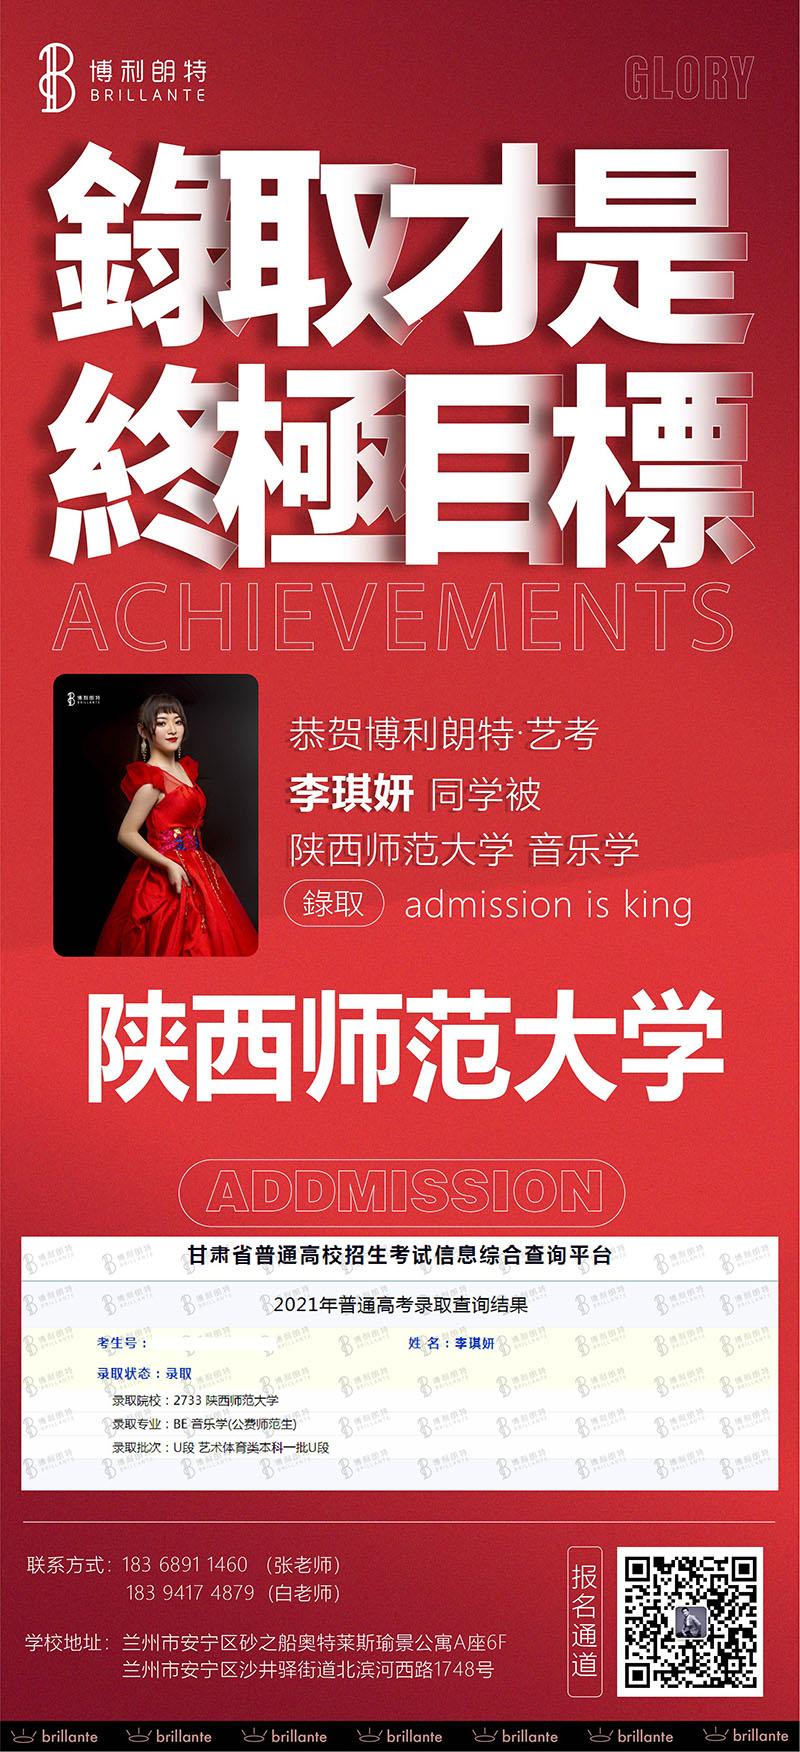 李琪妍同学被陕西师范大学录取